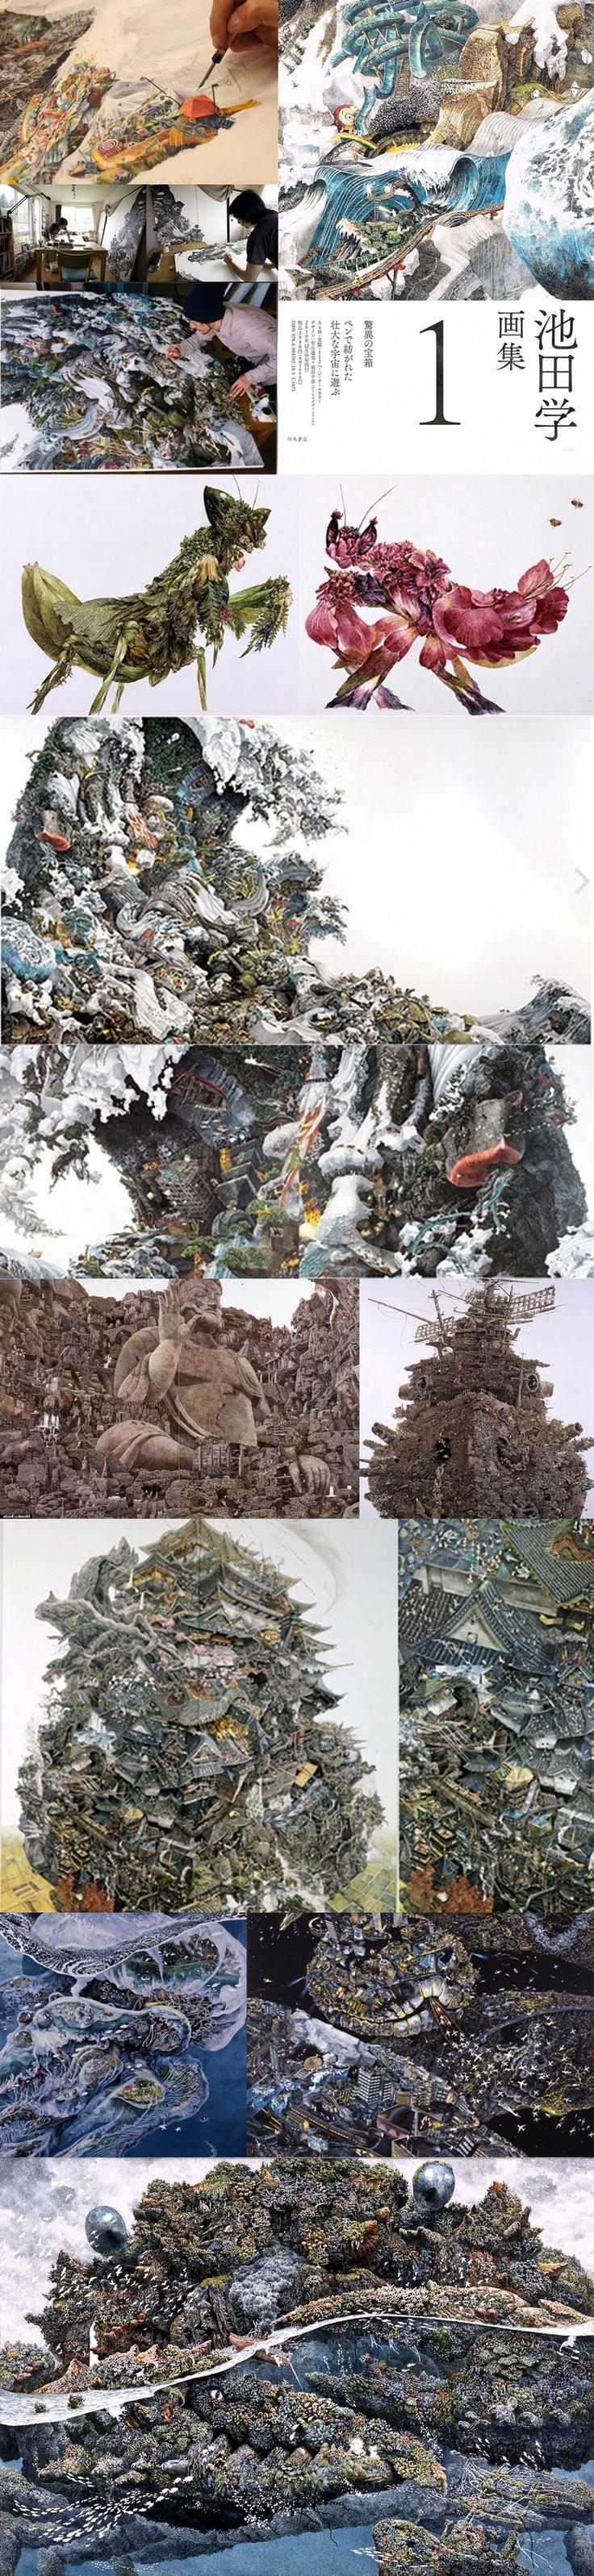 池田 学 Ikeda Manabu